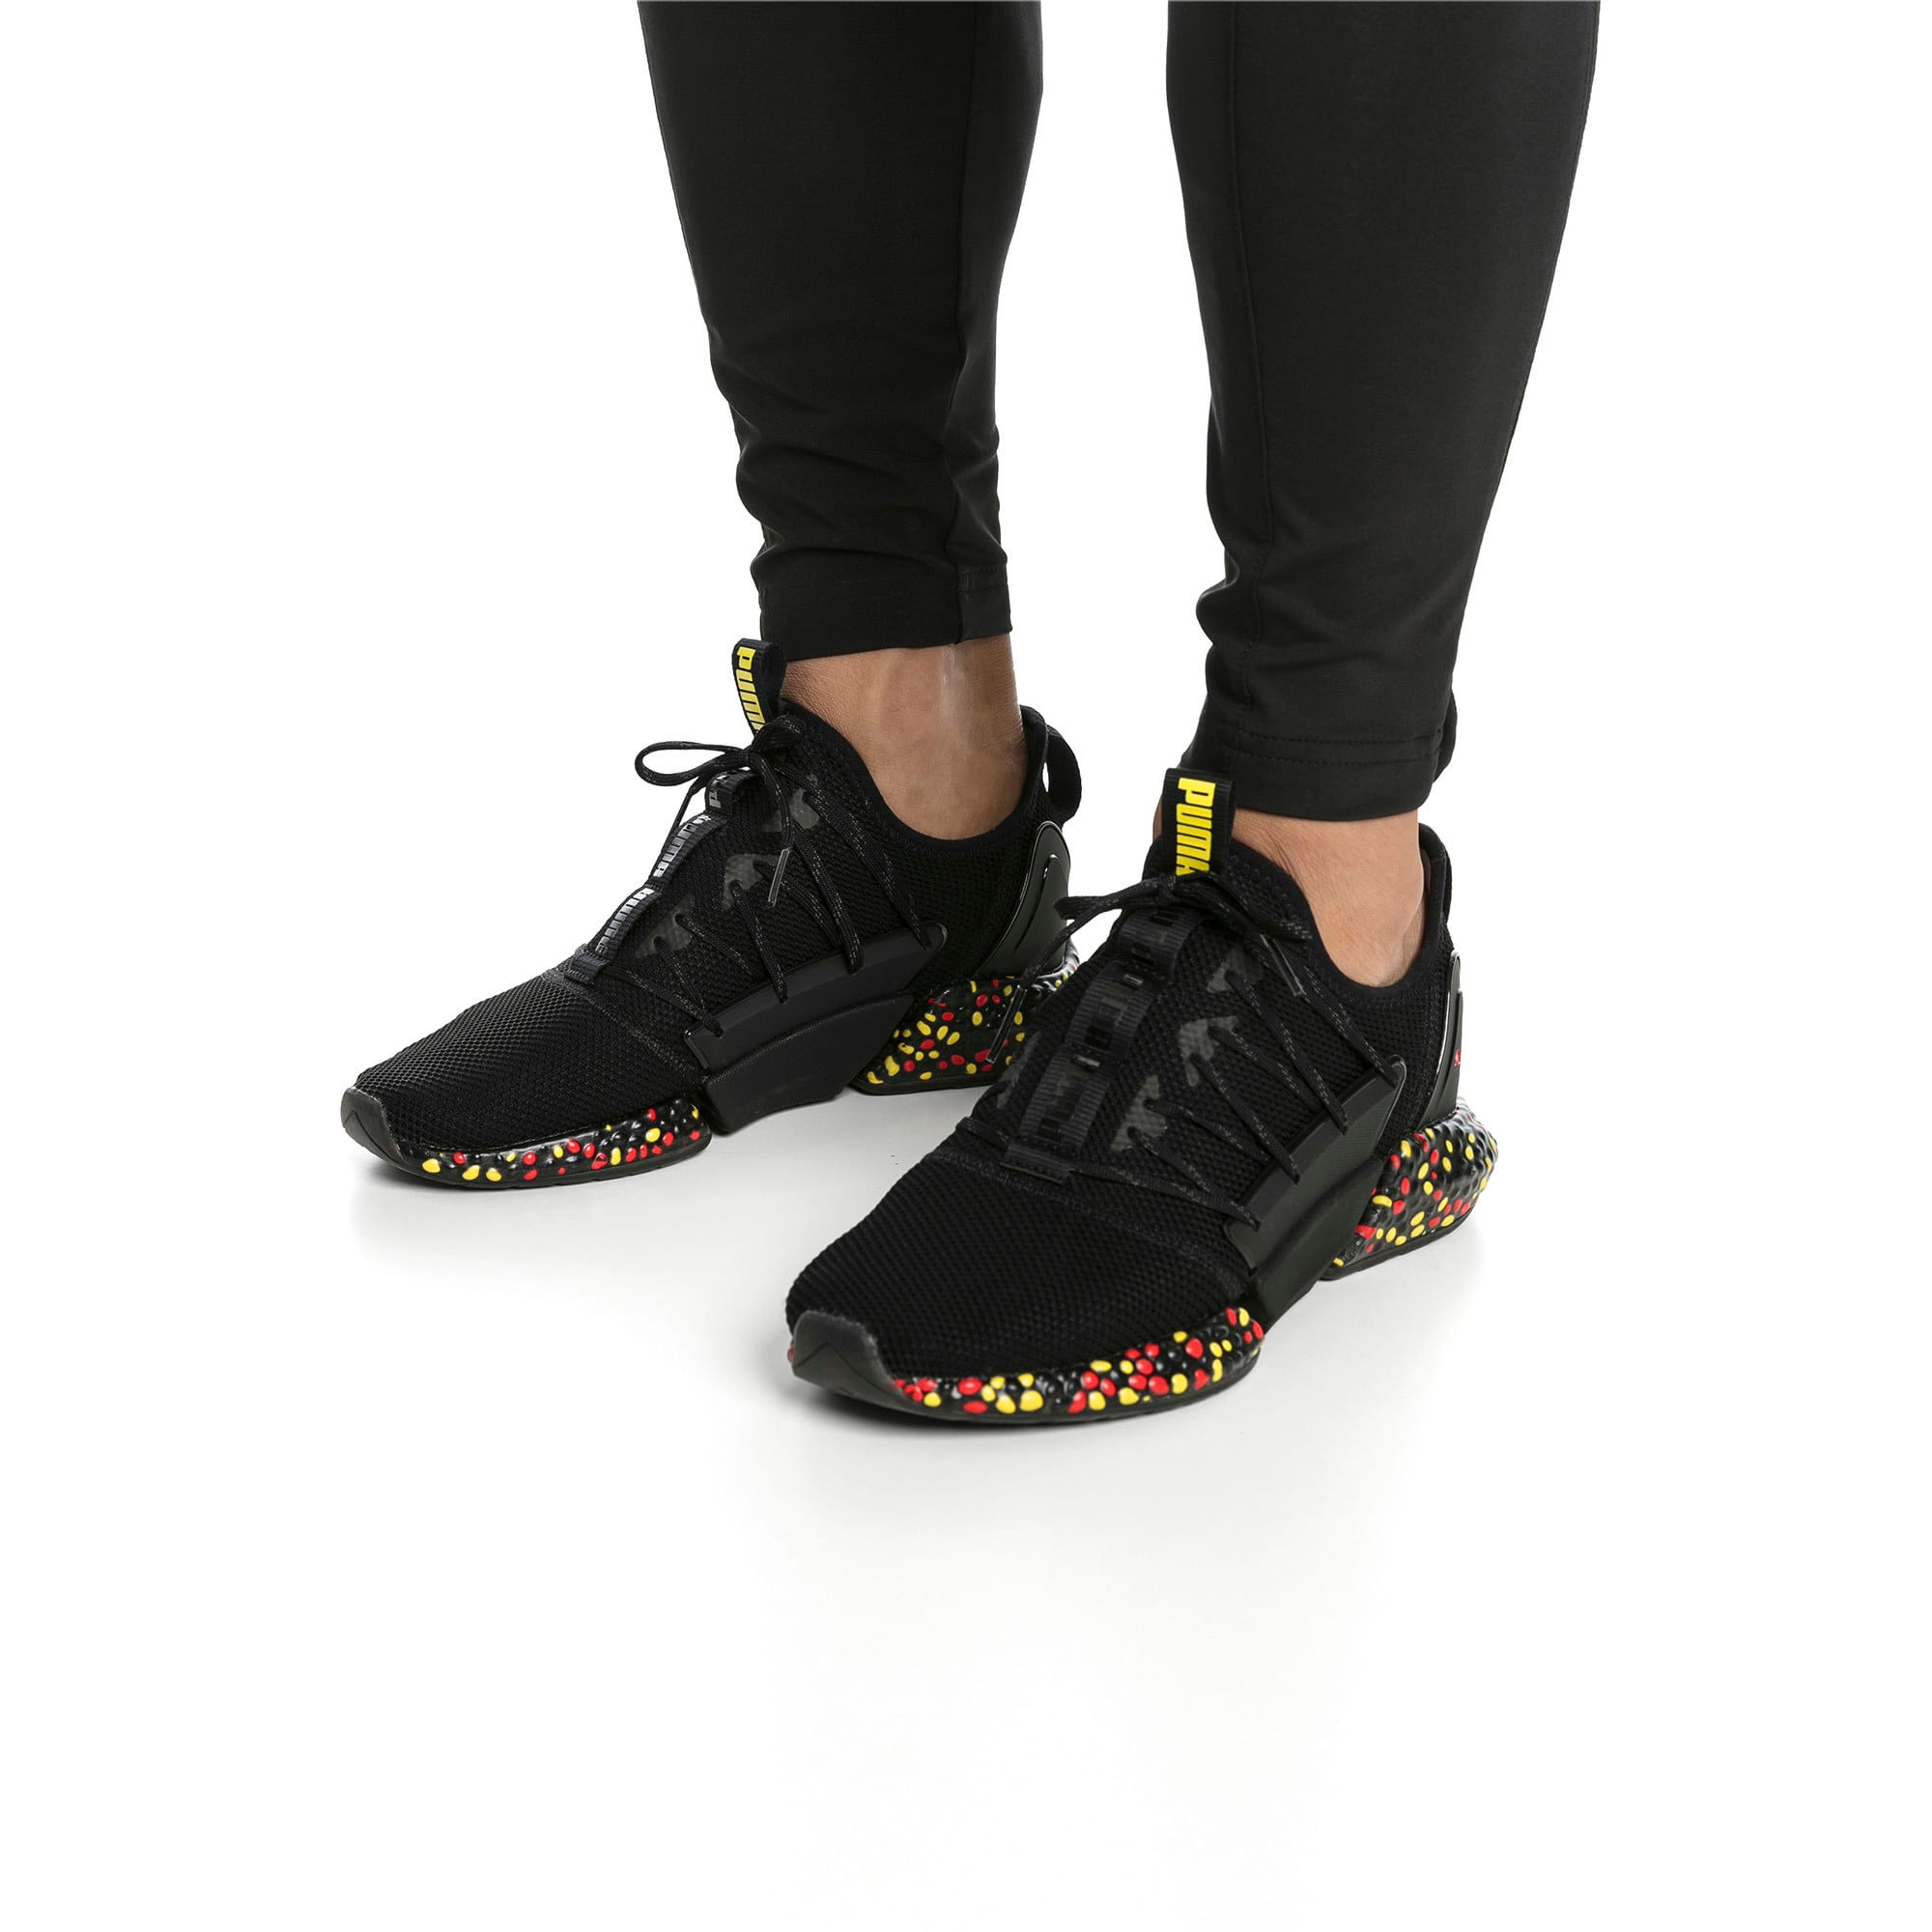 Miniaturka 2 Męskie buty do biegania Hybrid Rocket Runner, Kolor Black-Blazing Yellow-Red, średnie